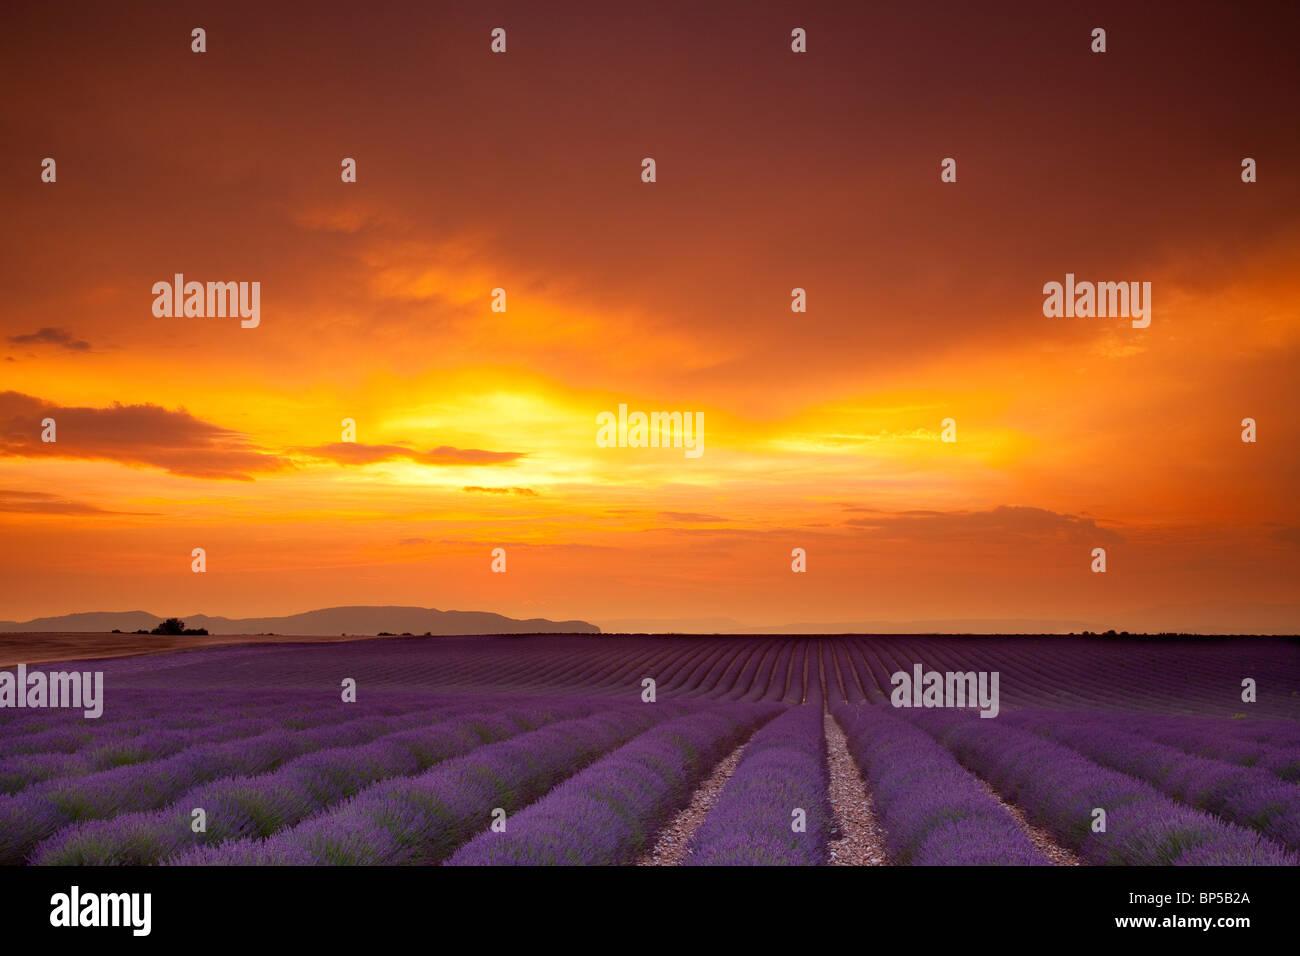 Los colores de la puesta de sol a lo largo de la Meseta de Valensole, Provenza Francia Imagen De Stock